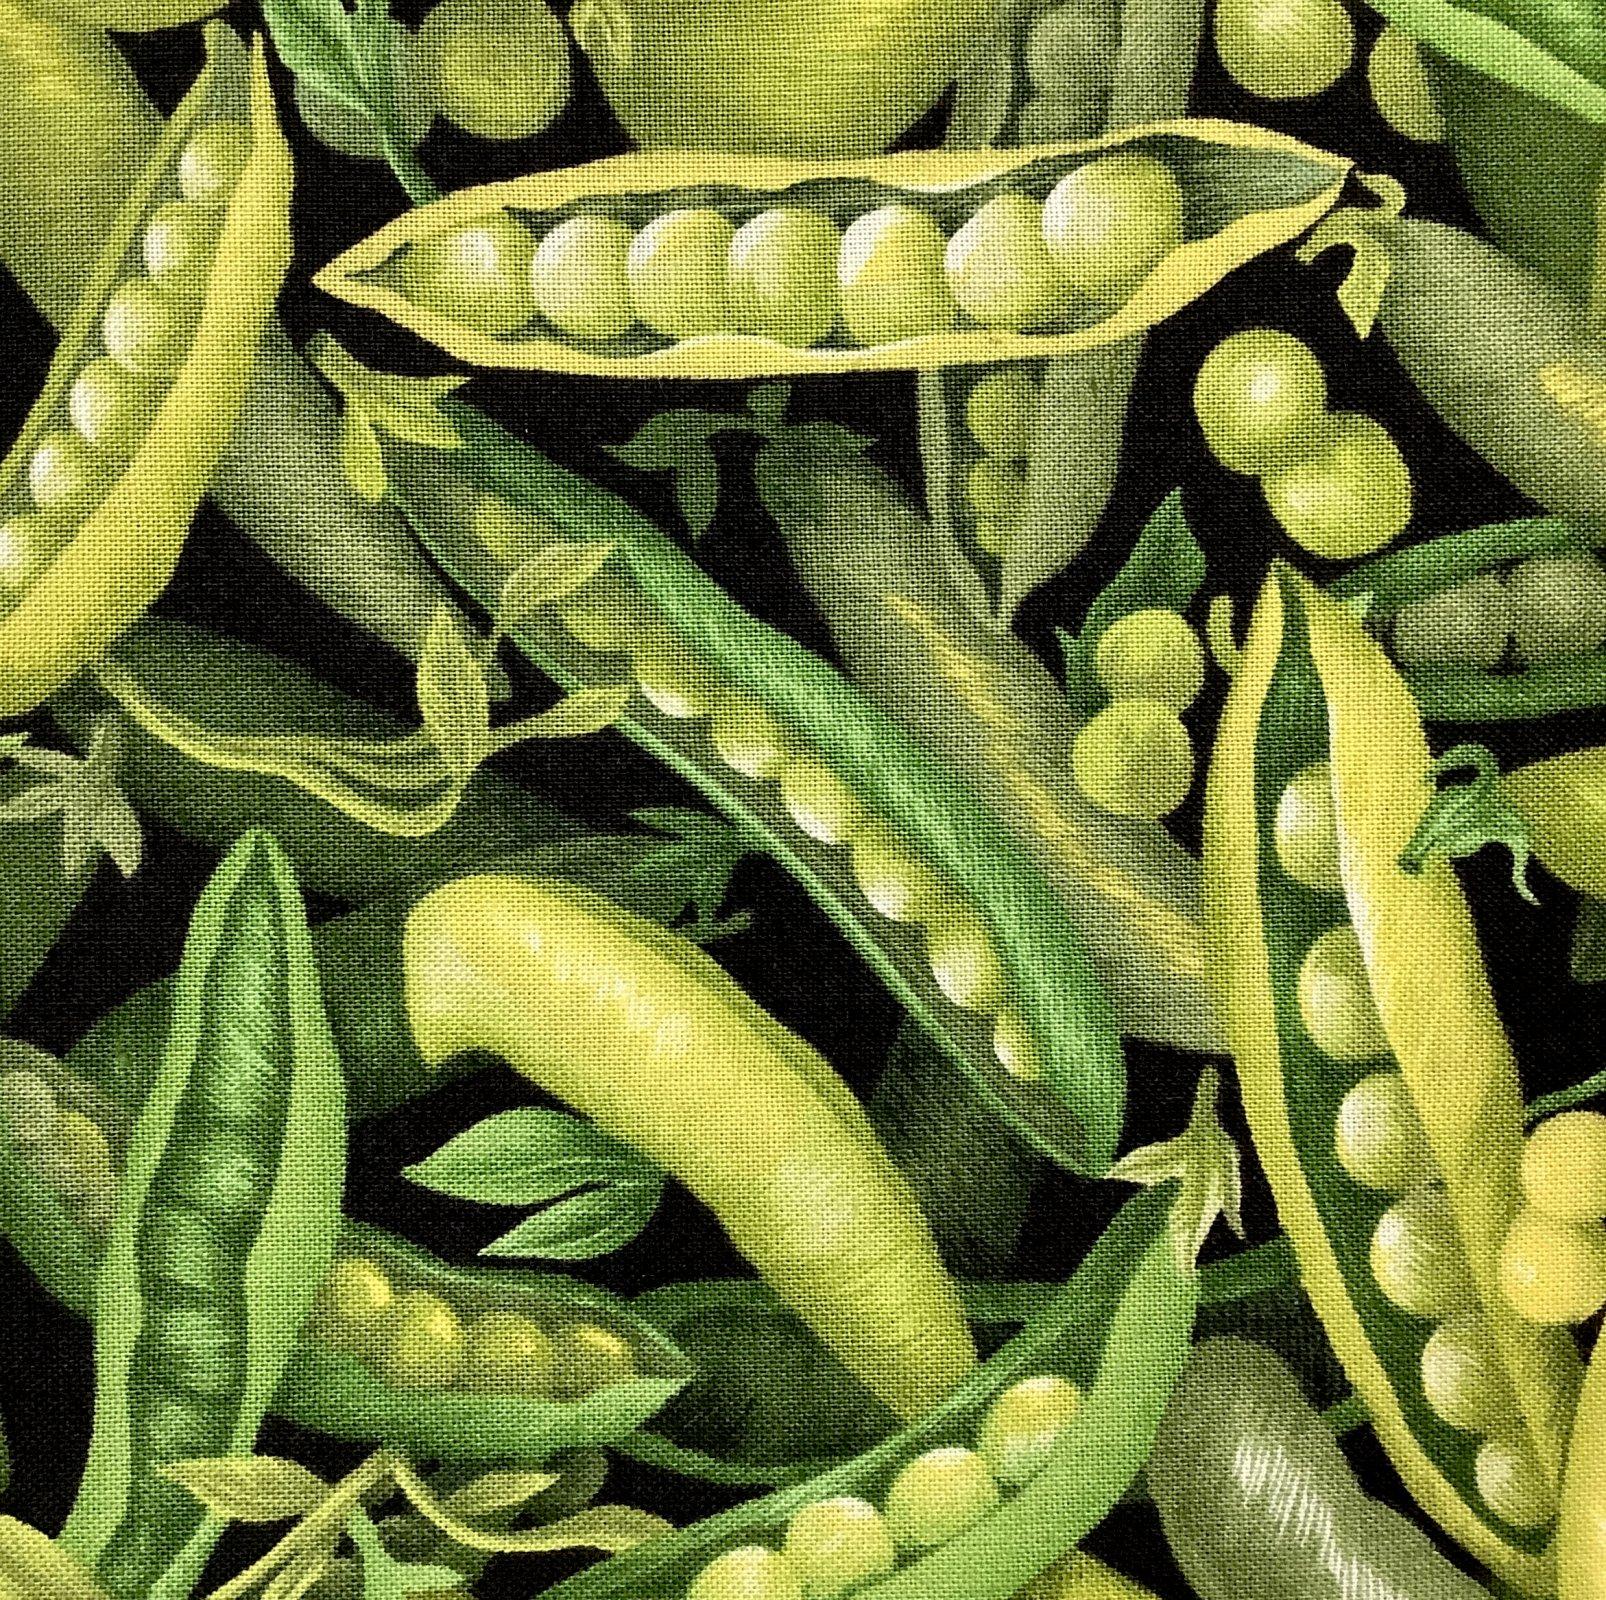 FARMER JOHNS GARDEN-PEAS